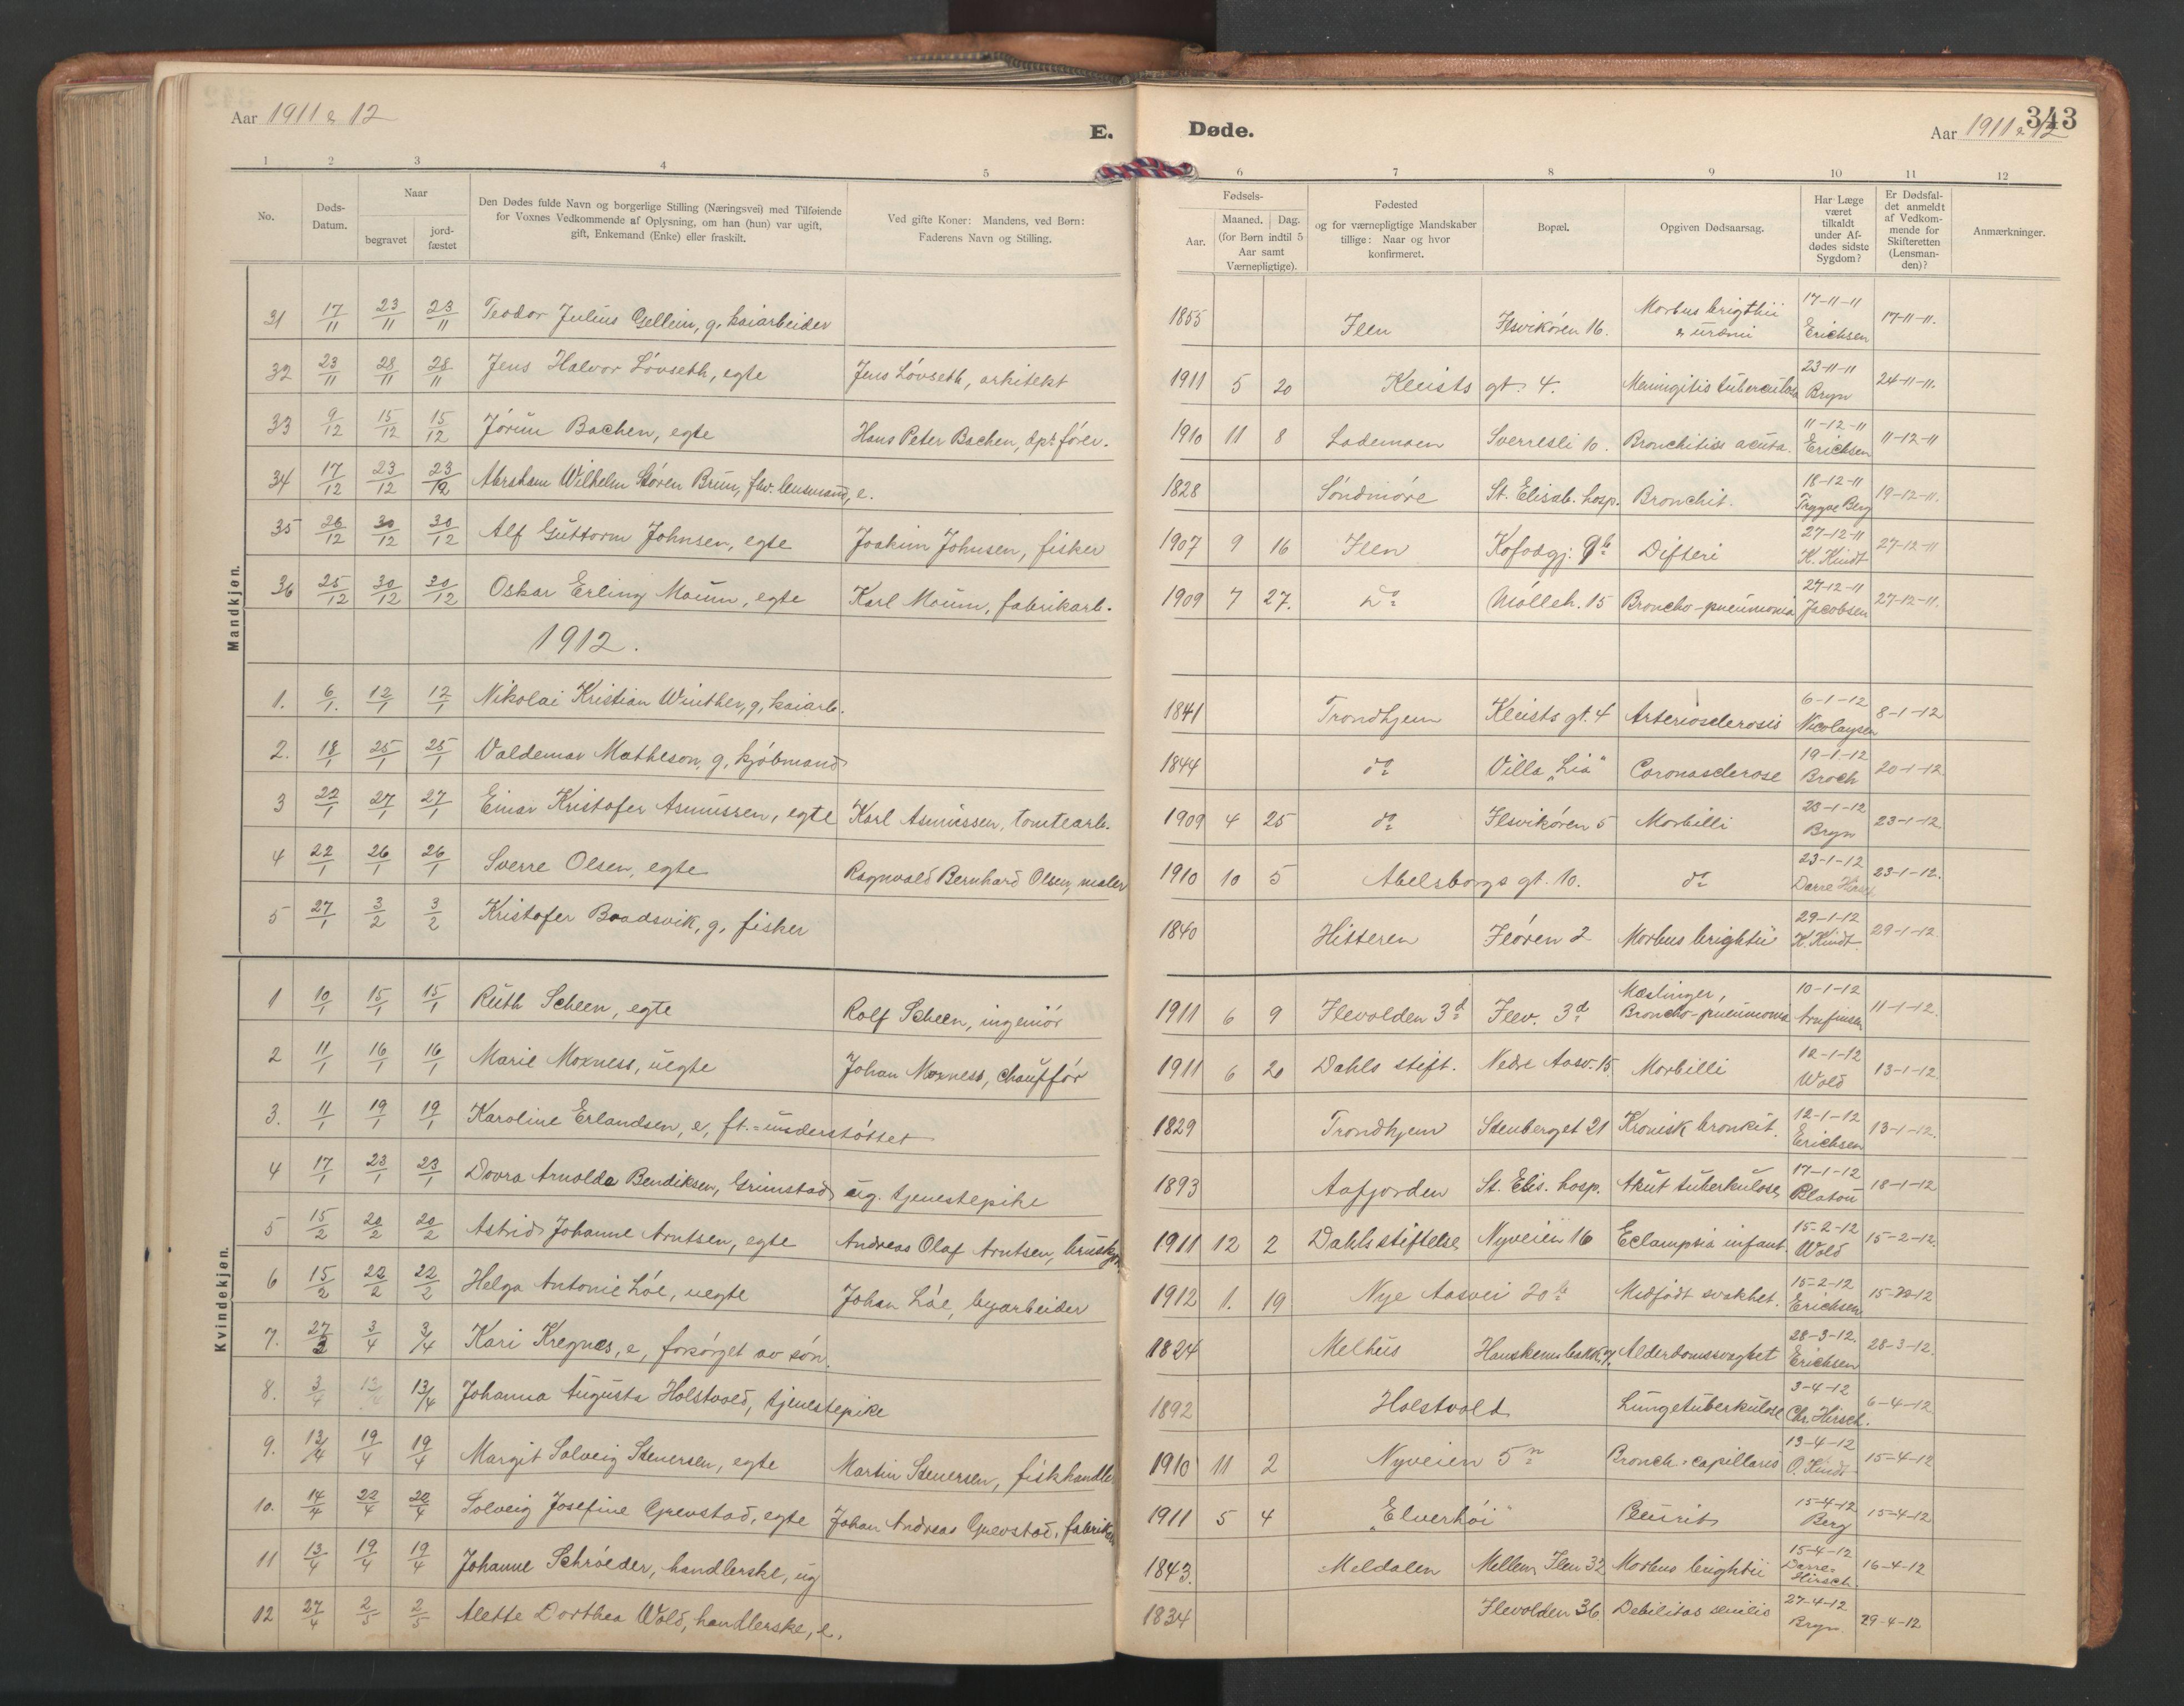 SAT, Ministerialprotokoller, klokkerbøker og fødselsregistre - Sør-Trøndelag, 603/L0173: Klokkerbok nr. 603C01, 1907-1962, s. 343